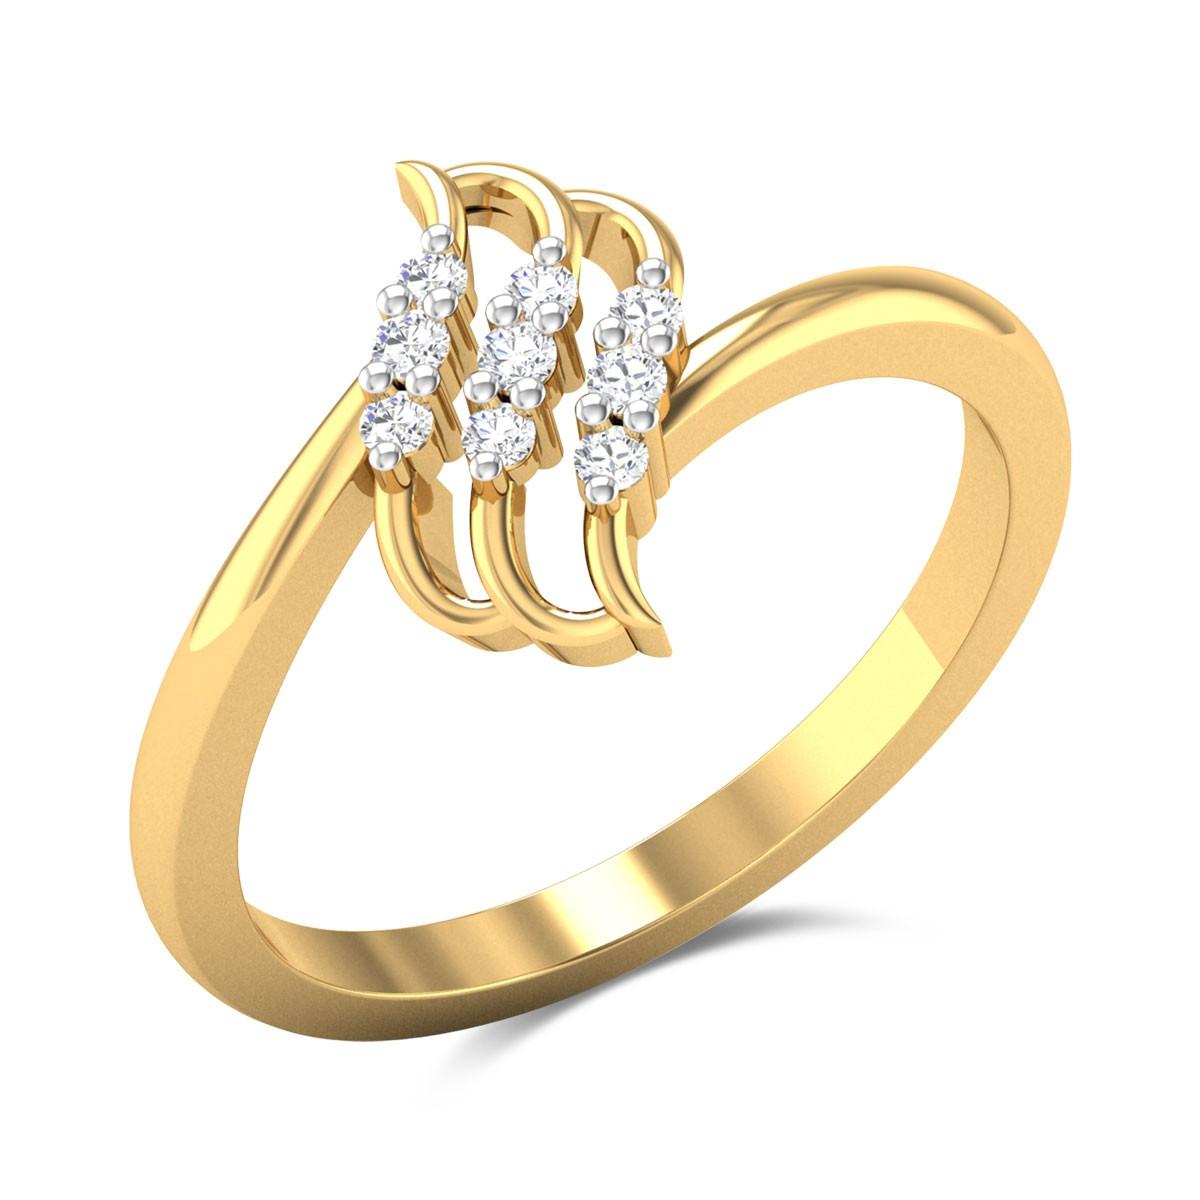 Hemlock Diamond Ring